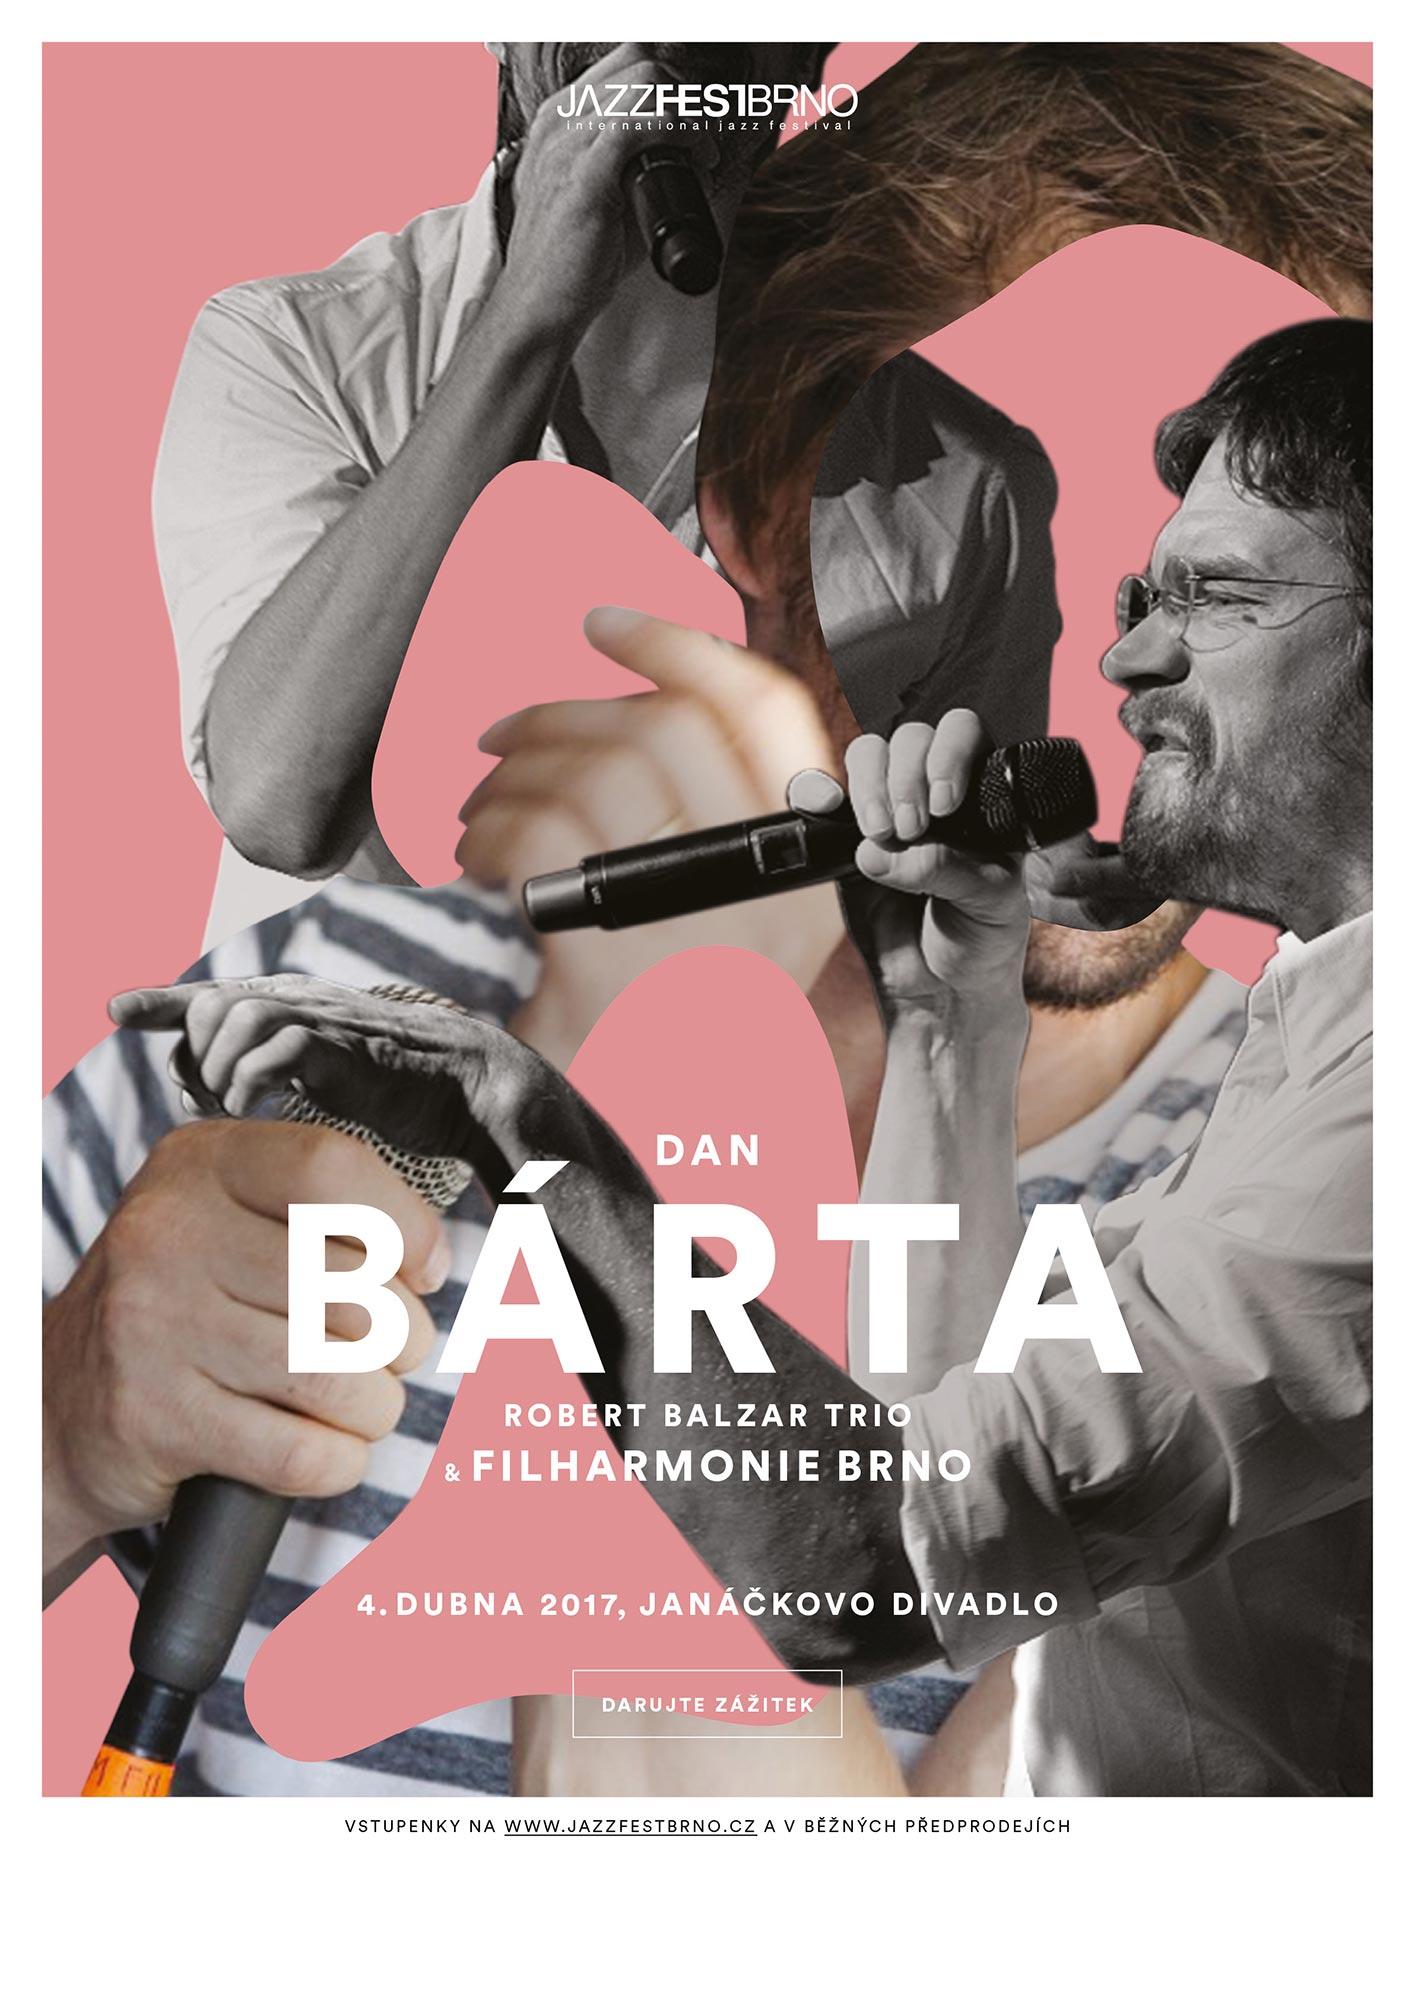 Jazzfestbrno 2017 - Dan Bárta a Robert Balzar Trio a Filharmonie Brno